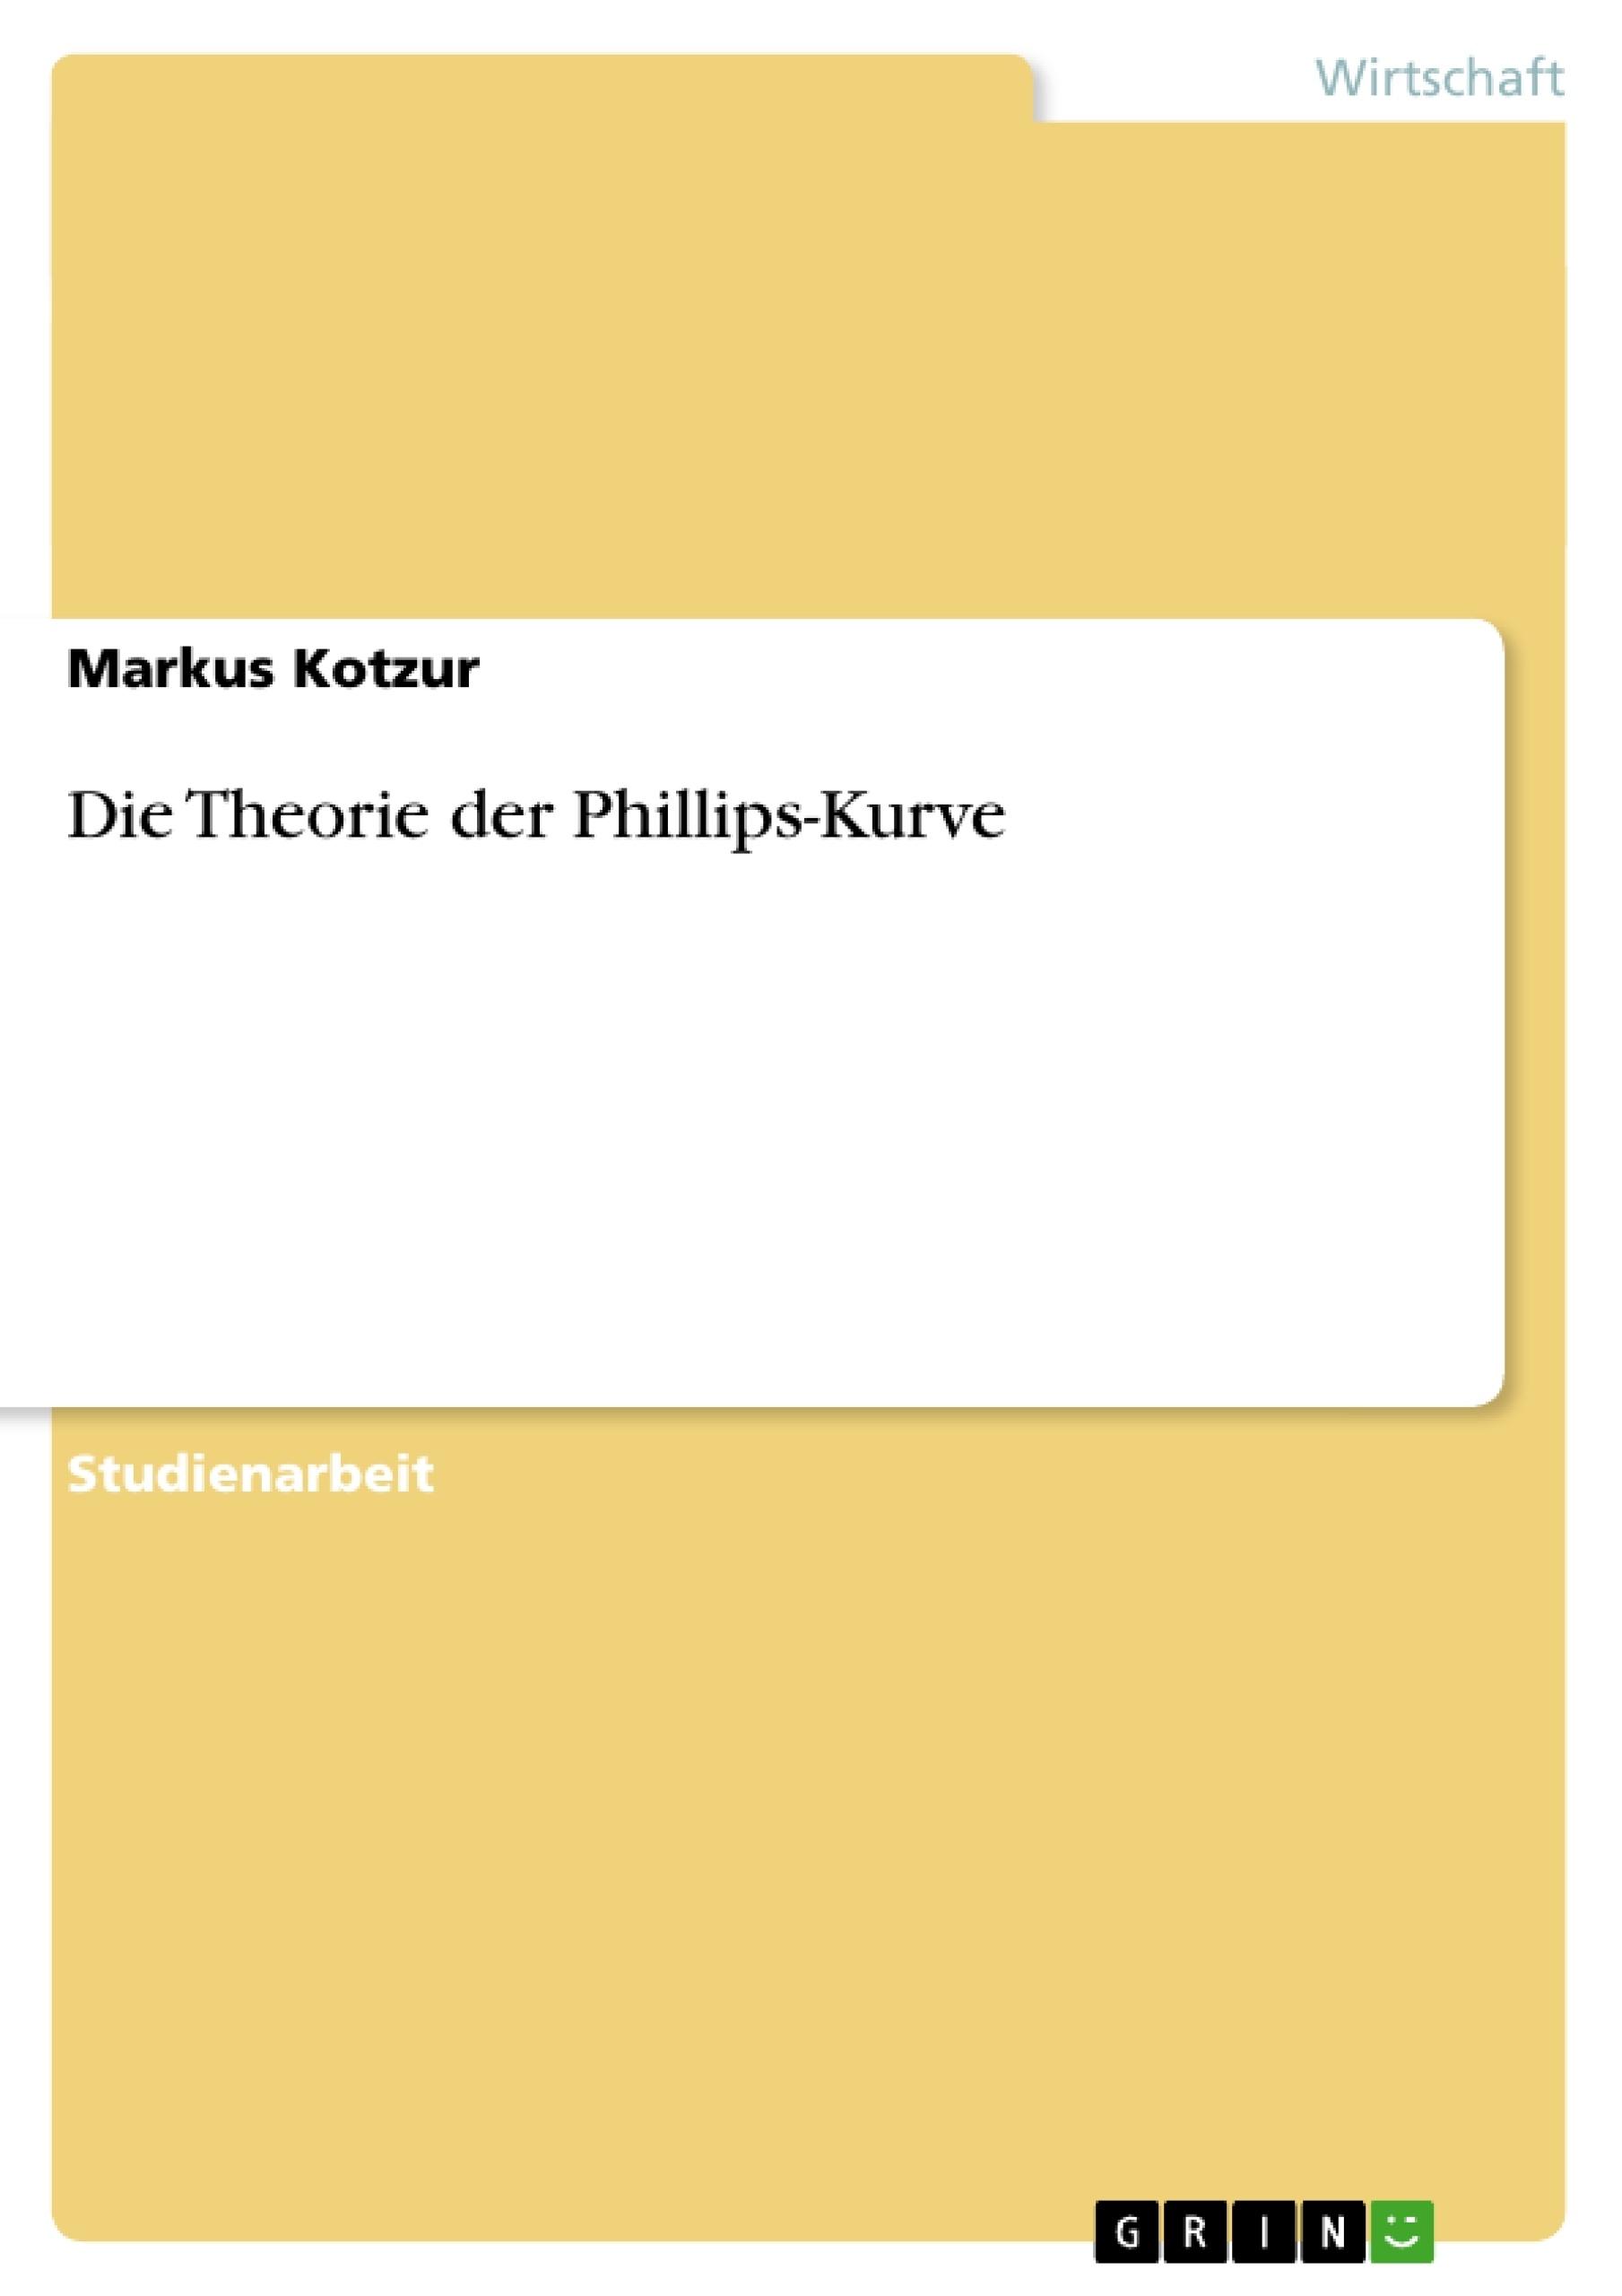 Titel: Die Theorie der Phillips-Kurve